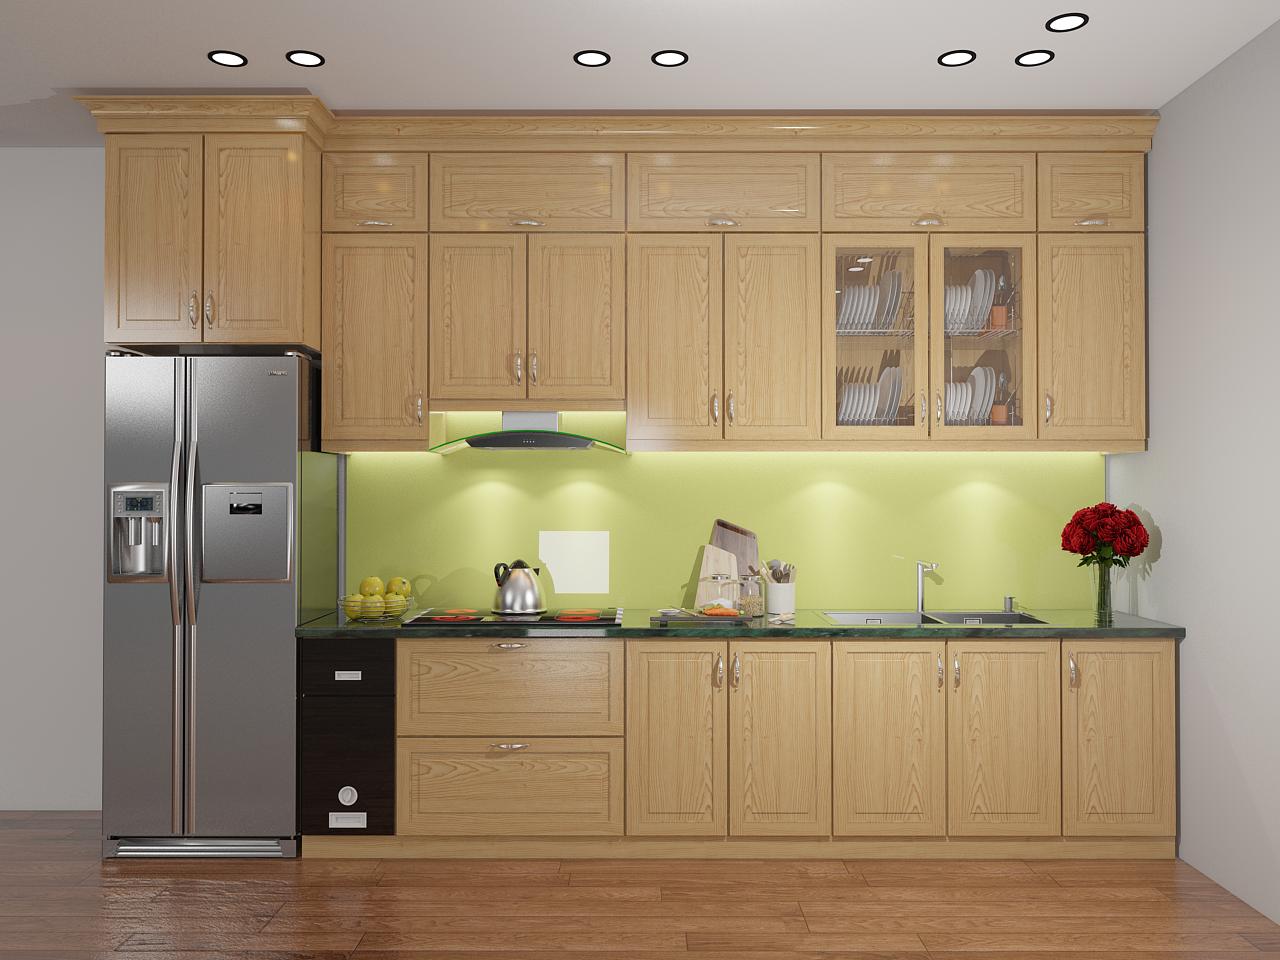 Chọn bàn ăn cho nội thất nhà bếp thế nào hợp lý?